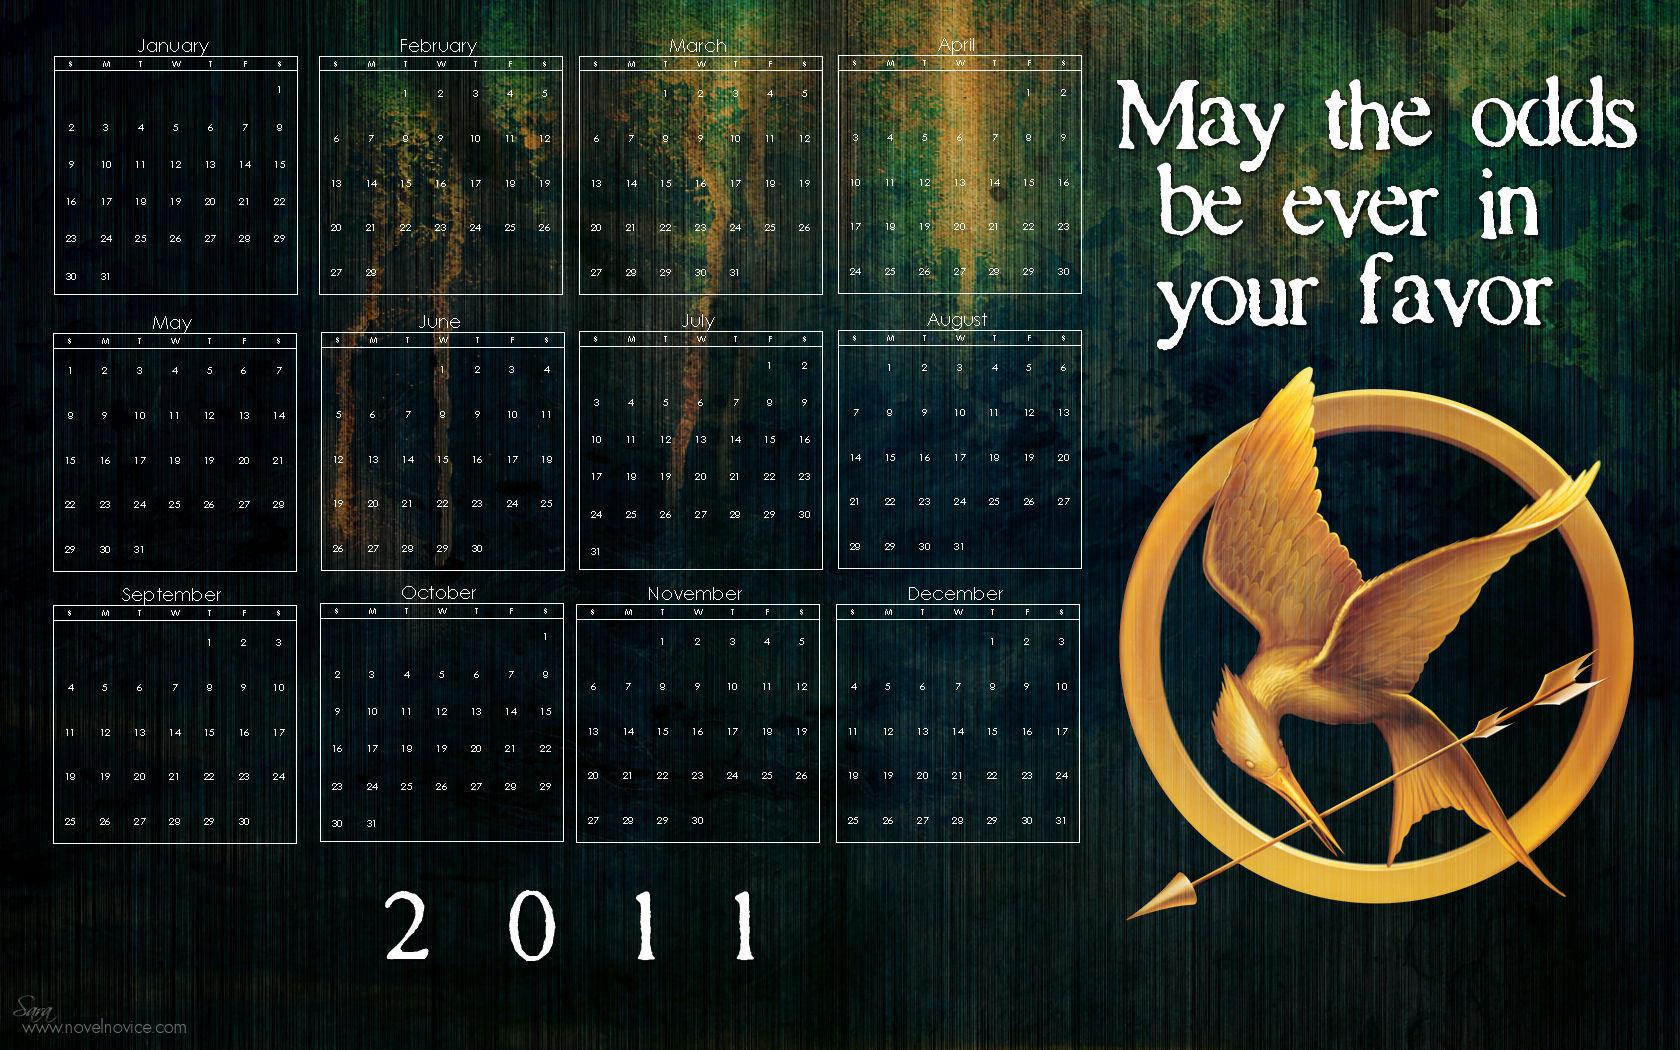 The Zoozoo 2011 Calendar